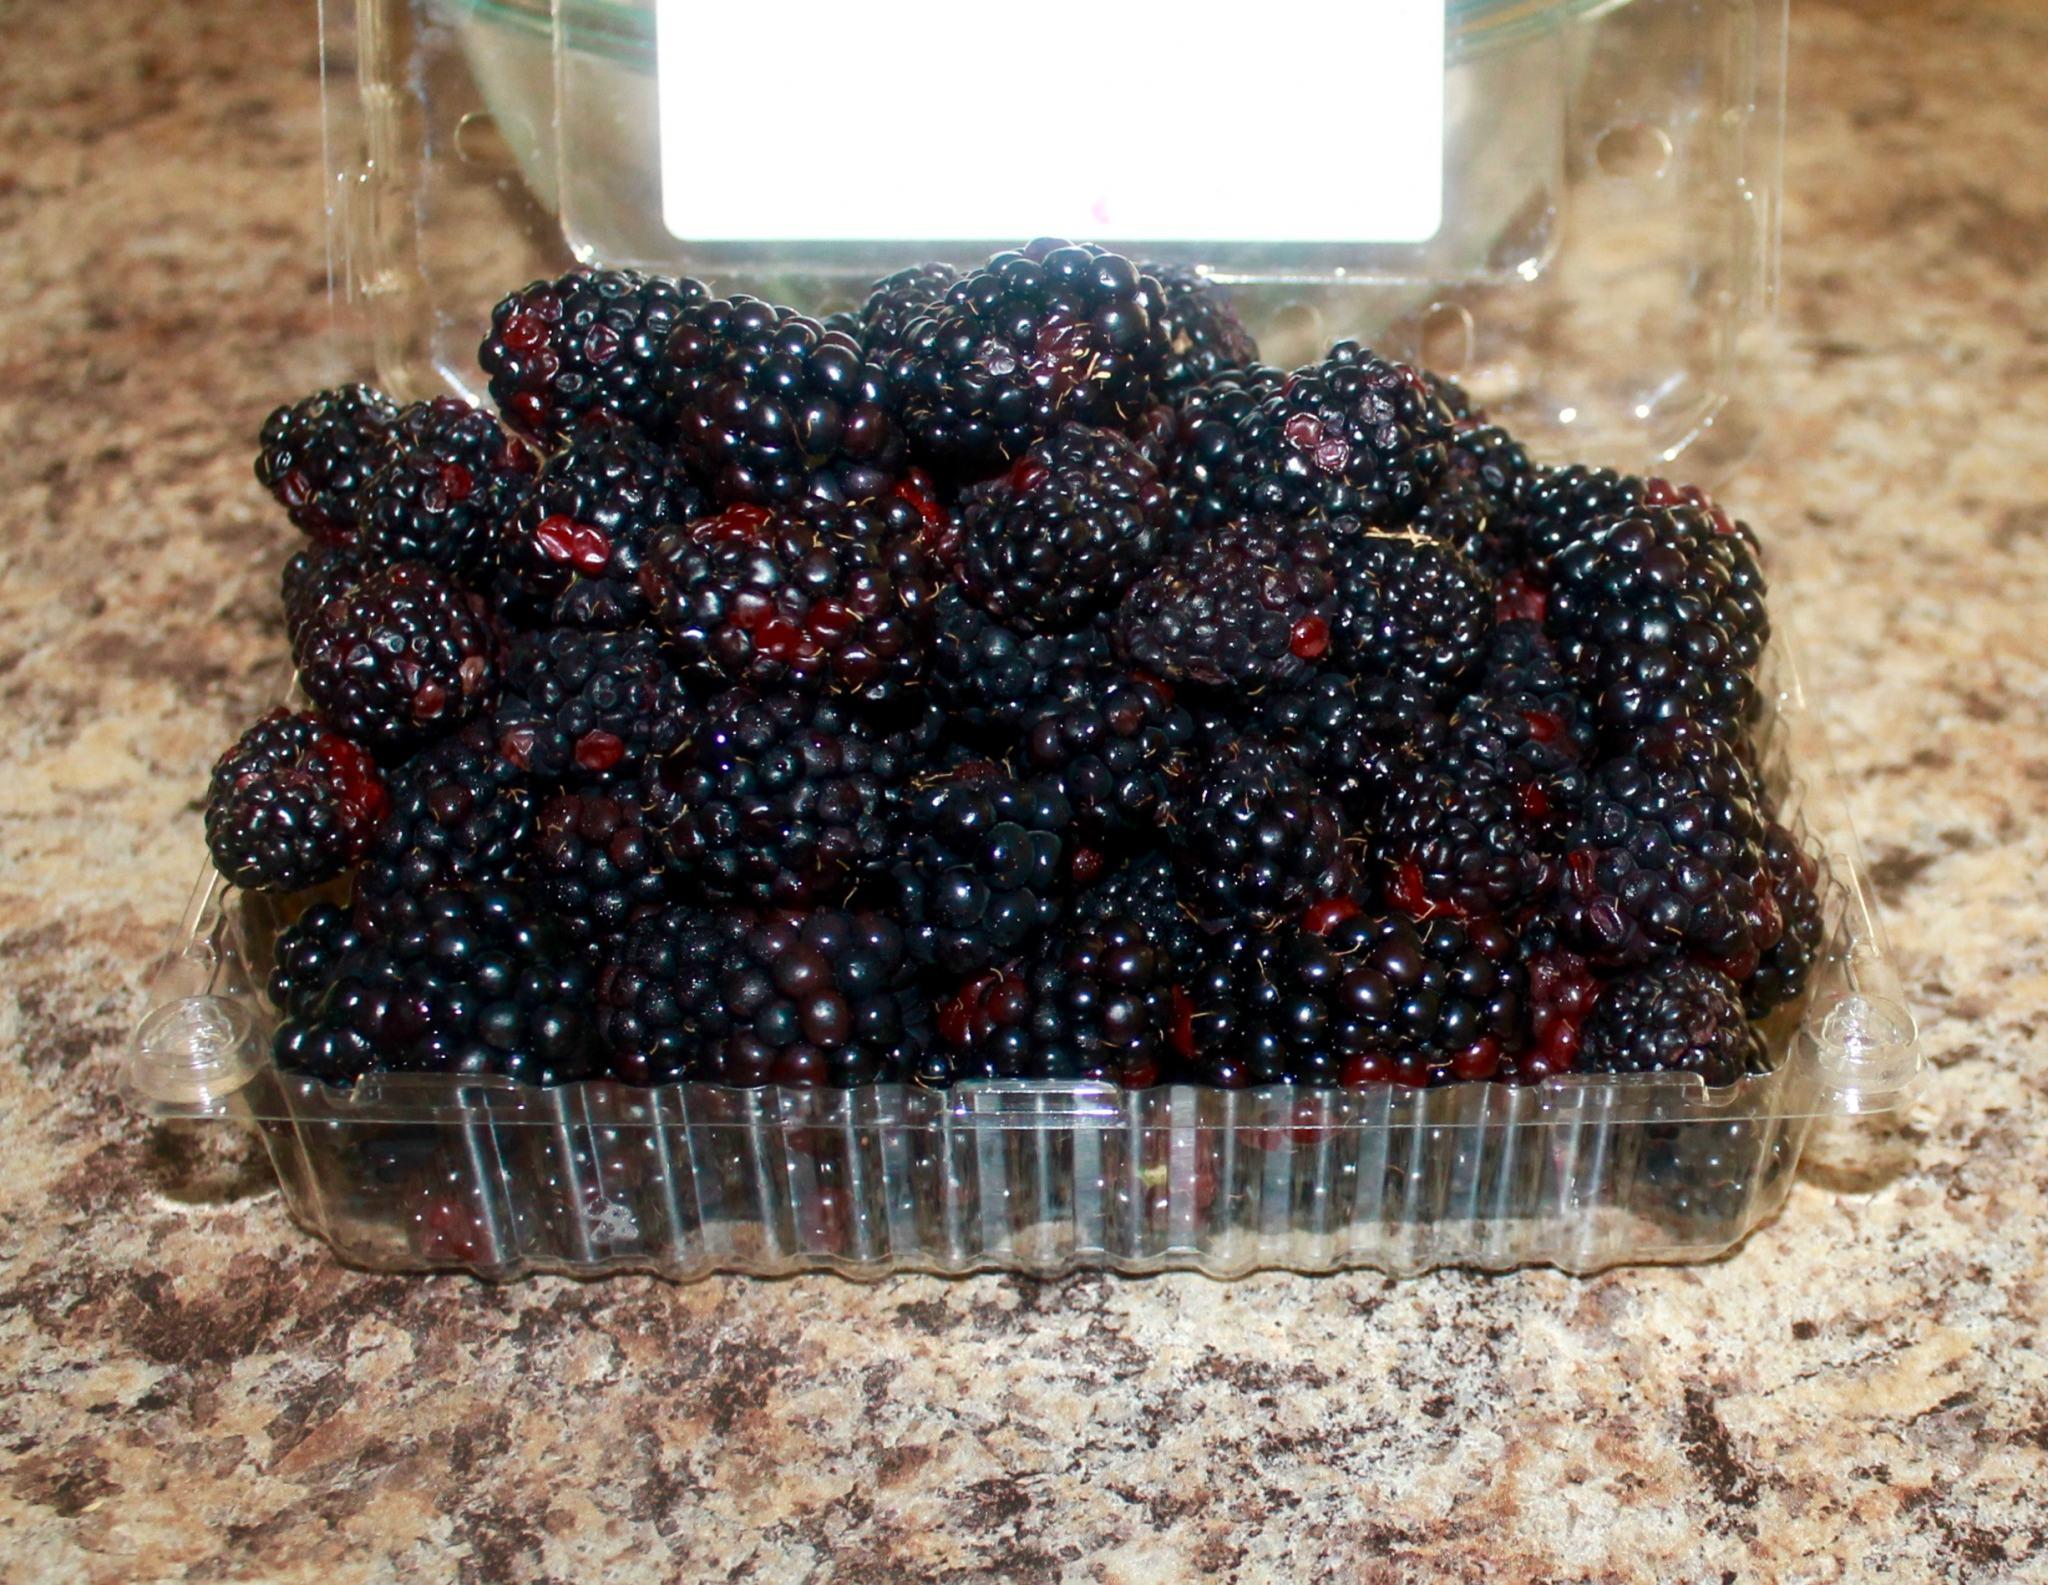 Fresh Blackberries or Frozen Blackberries for Blackberry Cobbler recipe